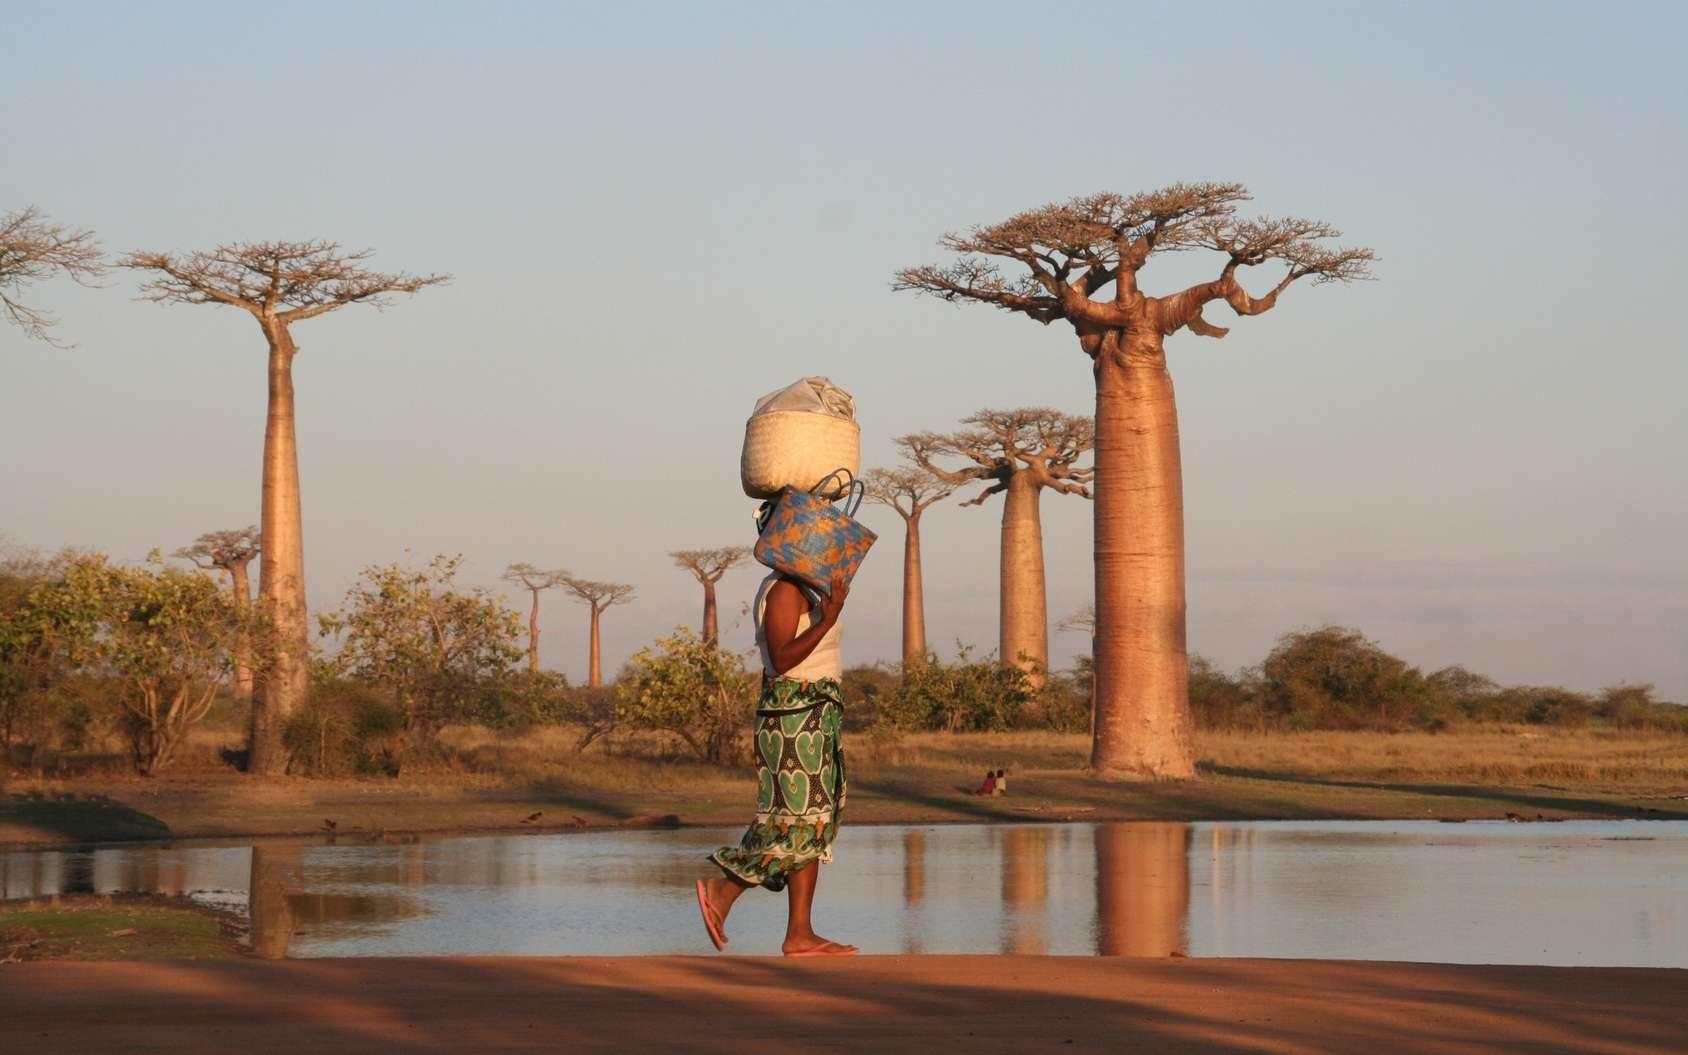 Des marques de boucherie sur les os fossiles appartenant à des oiseaux-éléphants de Madagascar, une espèce éteinte, révèlent que les hommes préhistoriques sont arrivés sur l'île il y a au moins 10.500 ans. Cela repousse de 6.000 ans la date de colonisation de Madagascar préalablement acceptée. © Duleyrie, Fotolia